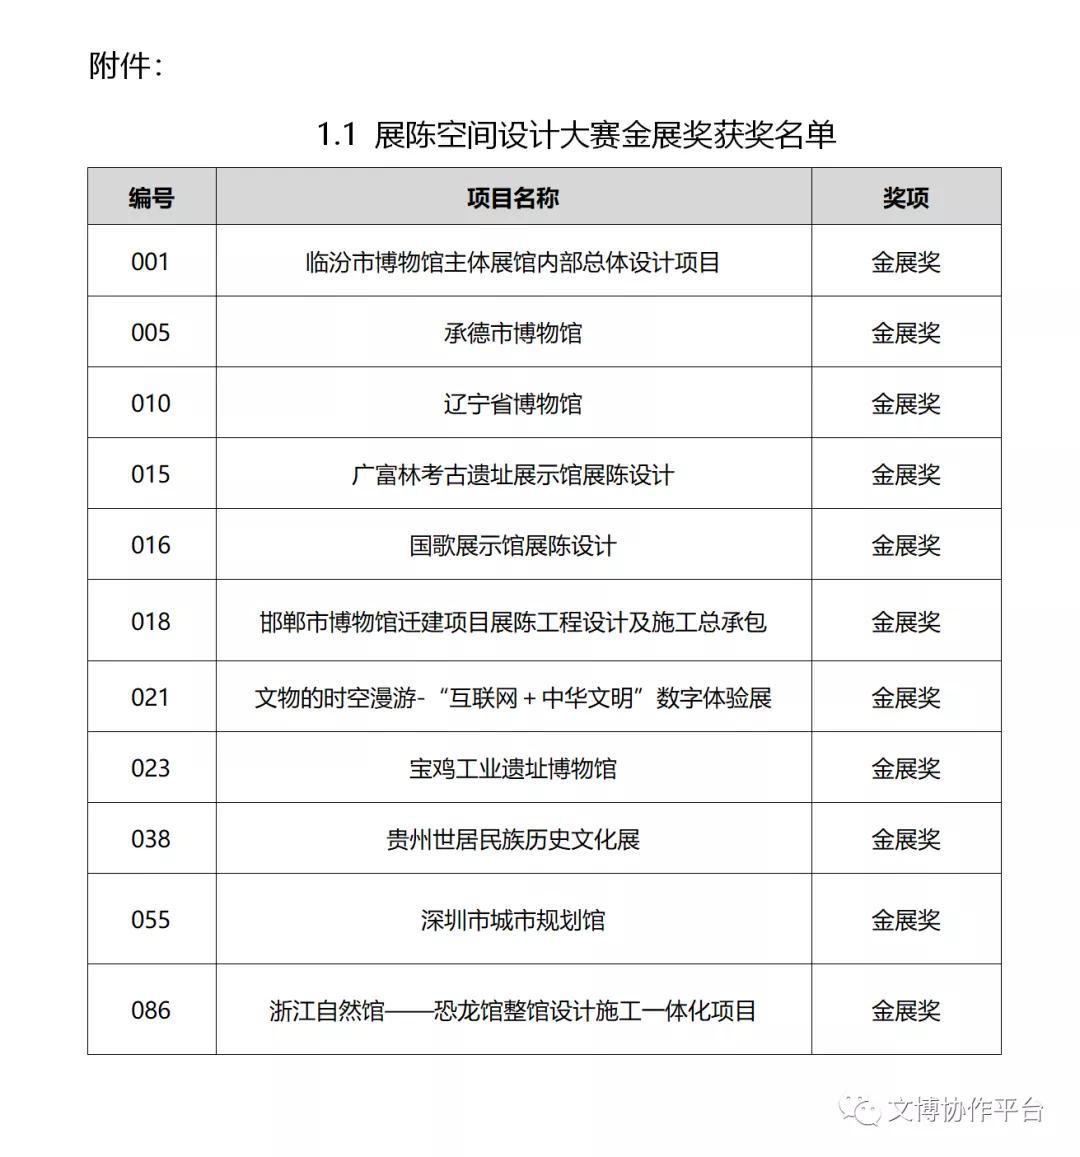 首届中国展览艺术与展示技术创意大赛终评结果公告